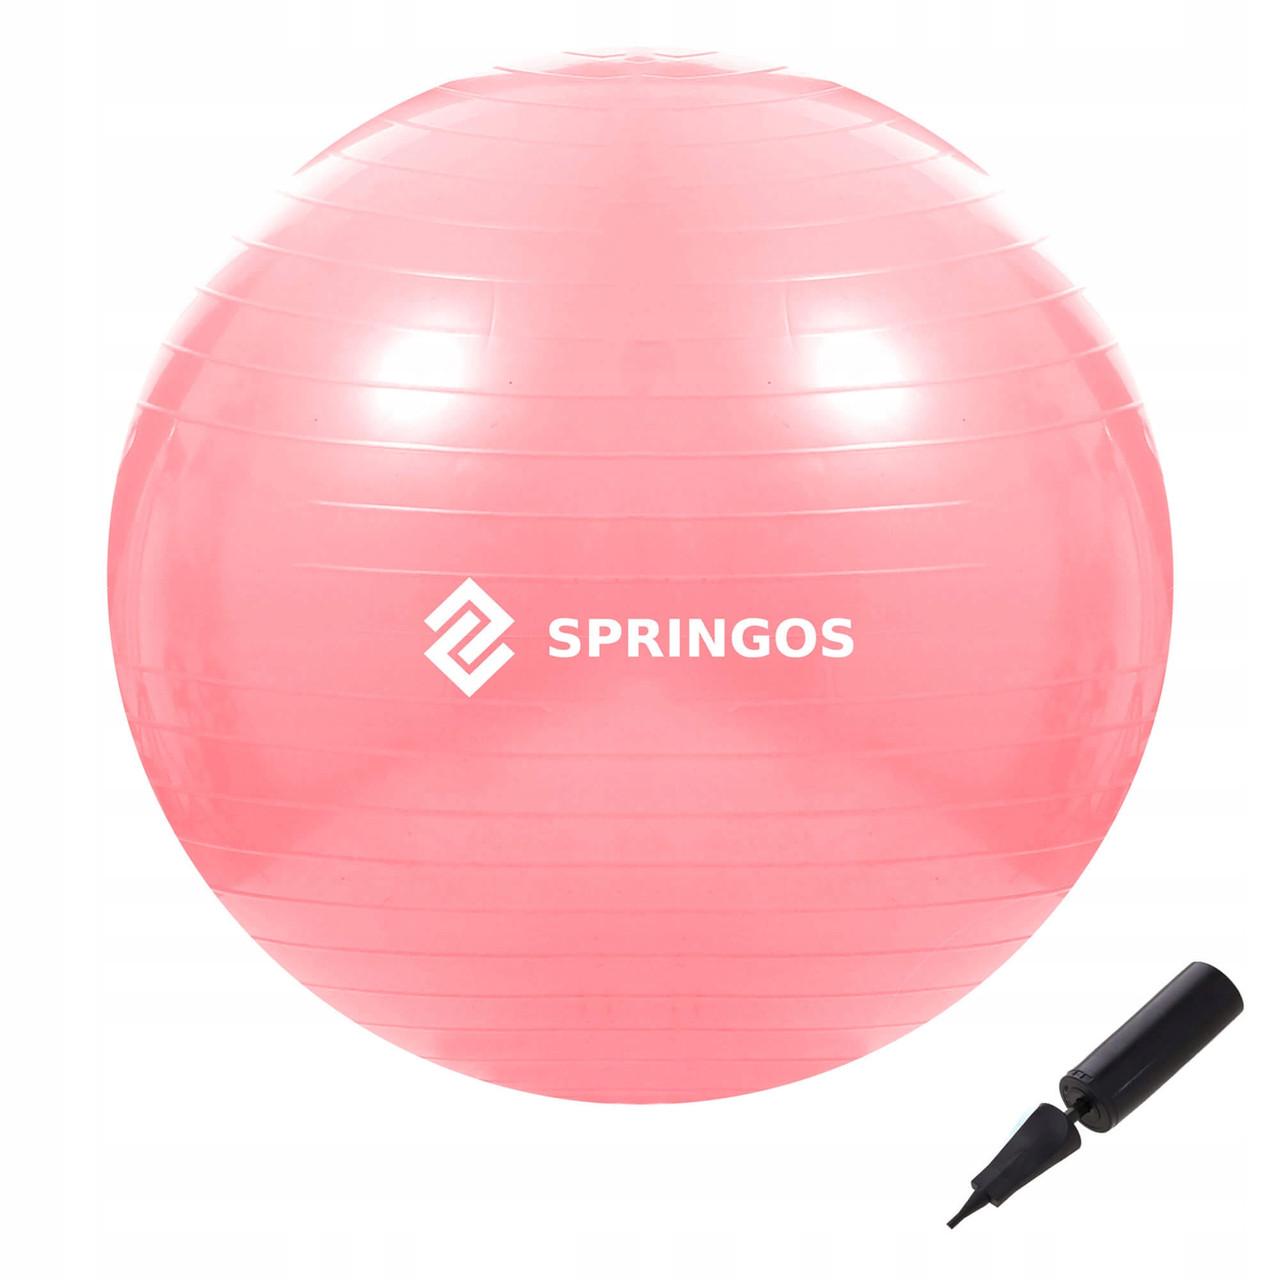 М'яч для фітнесу (фітбол) Springos 75 см Anti-Burst FB0012 Pink